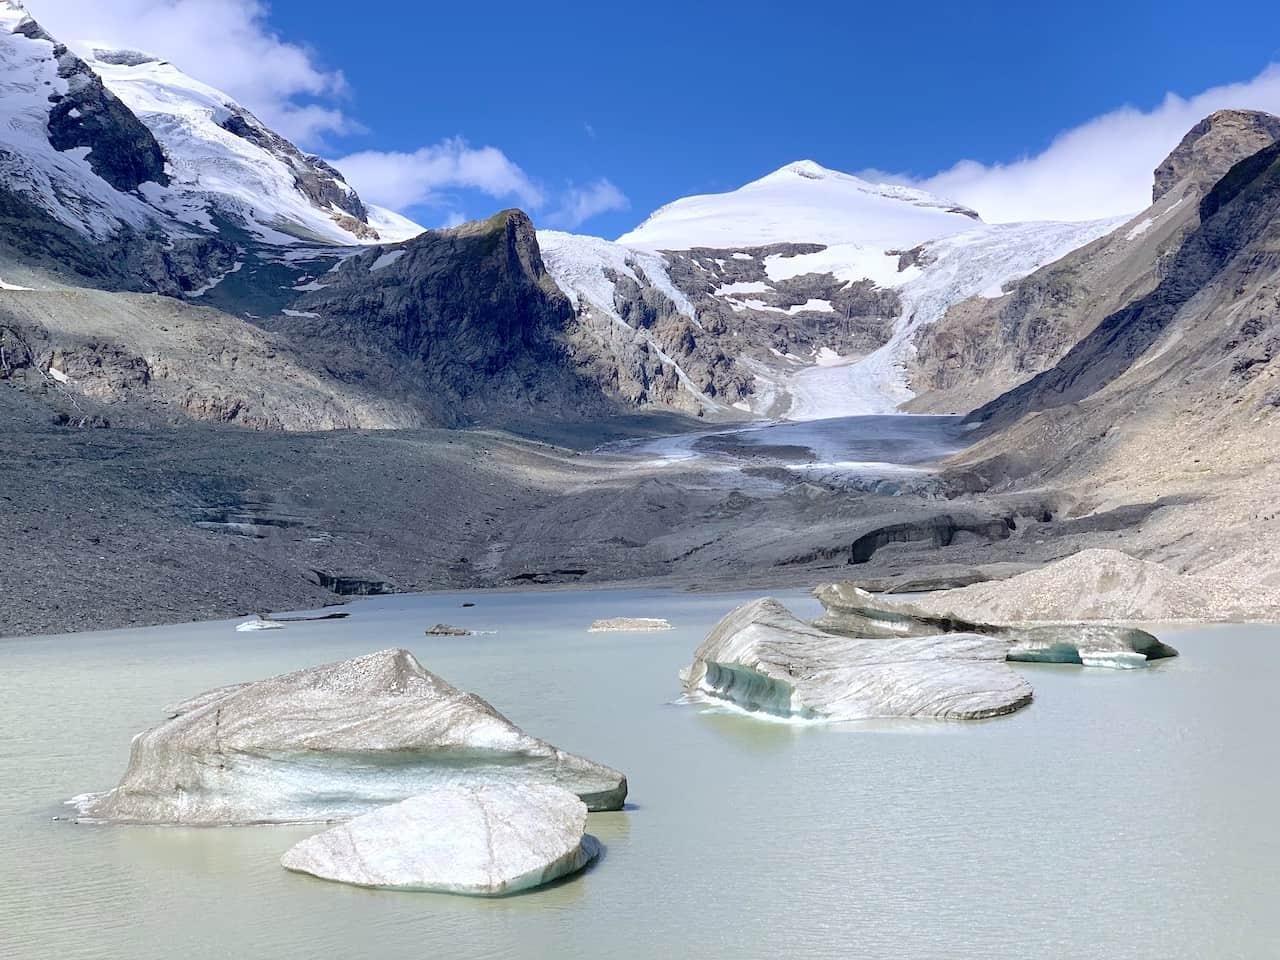 Glacier Lake Pasterze